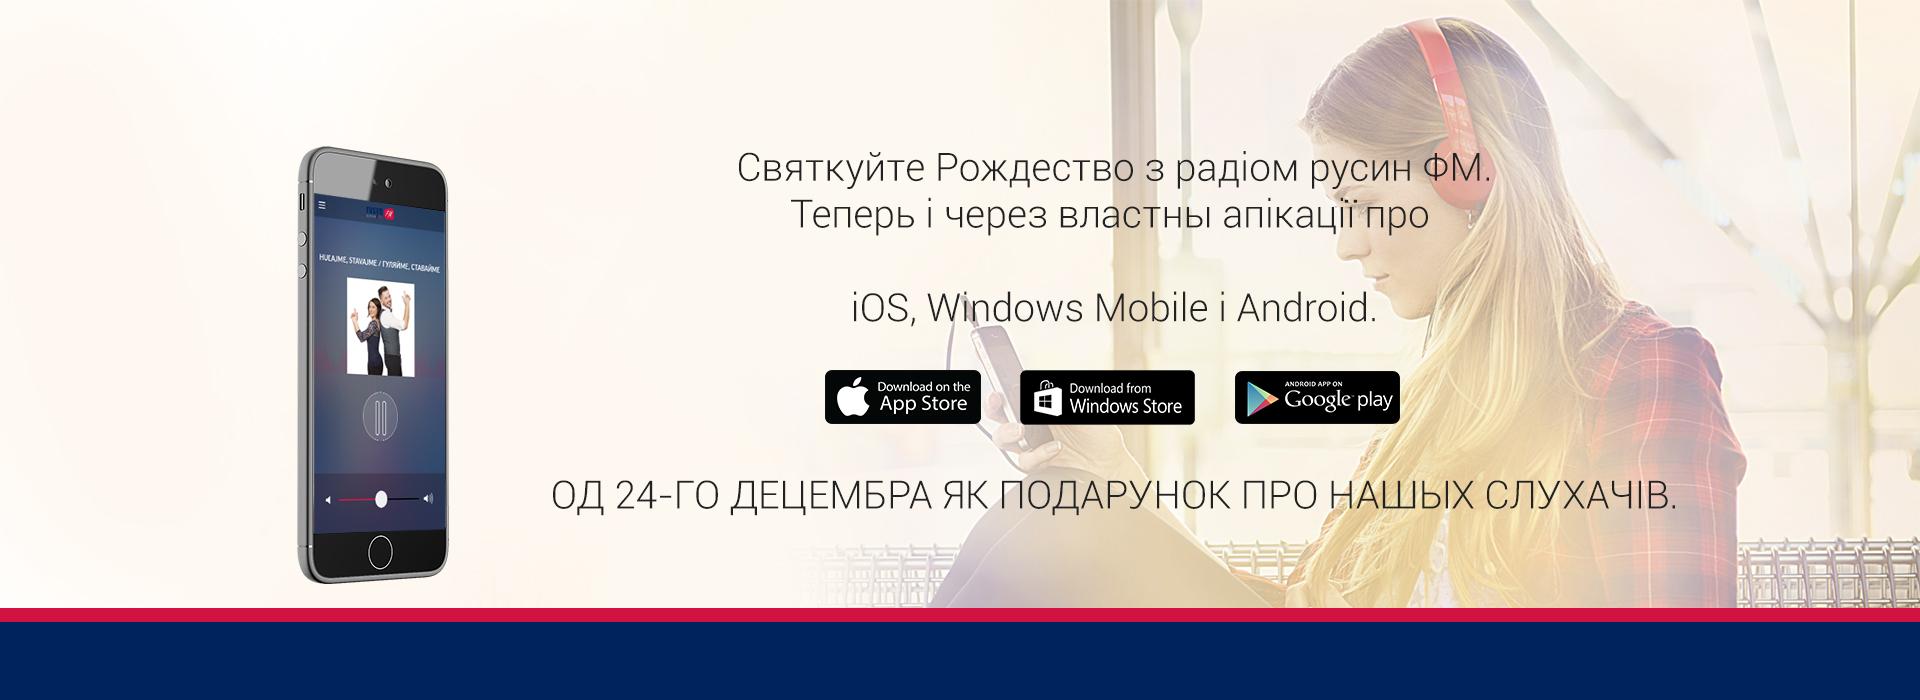 app-web